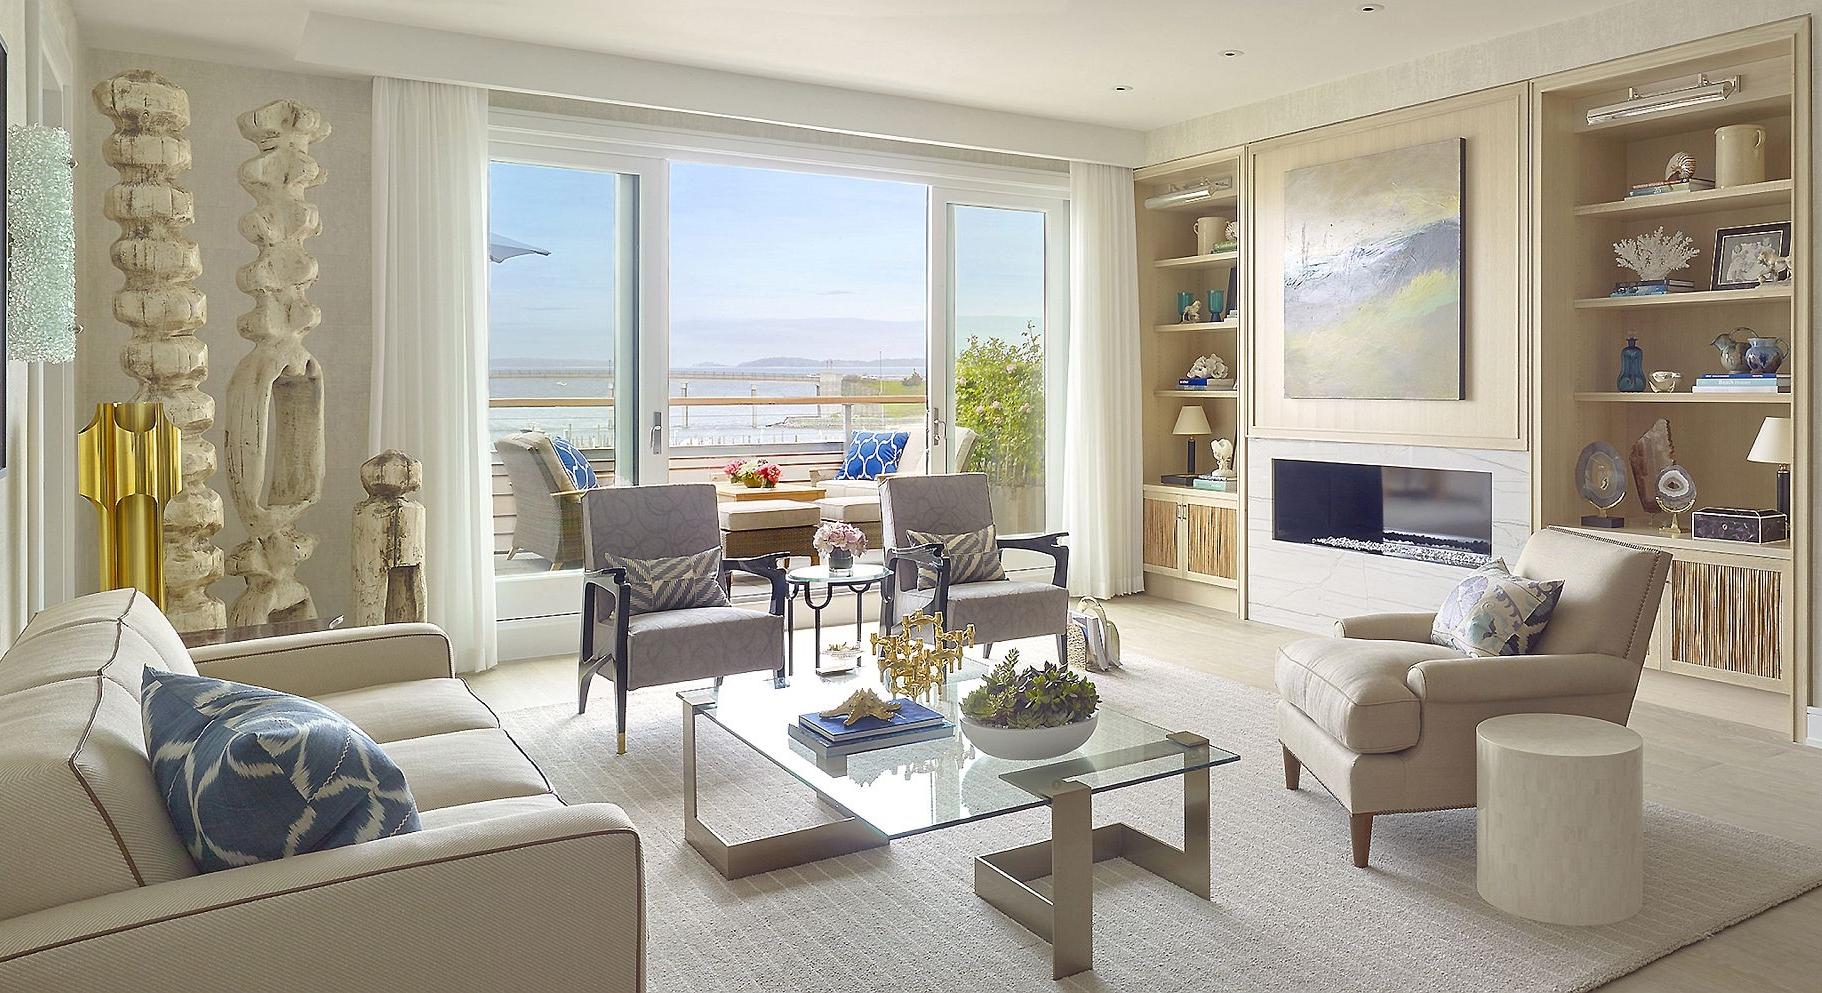 1_Harbor View_Living Room_2.jpg